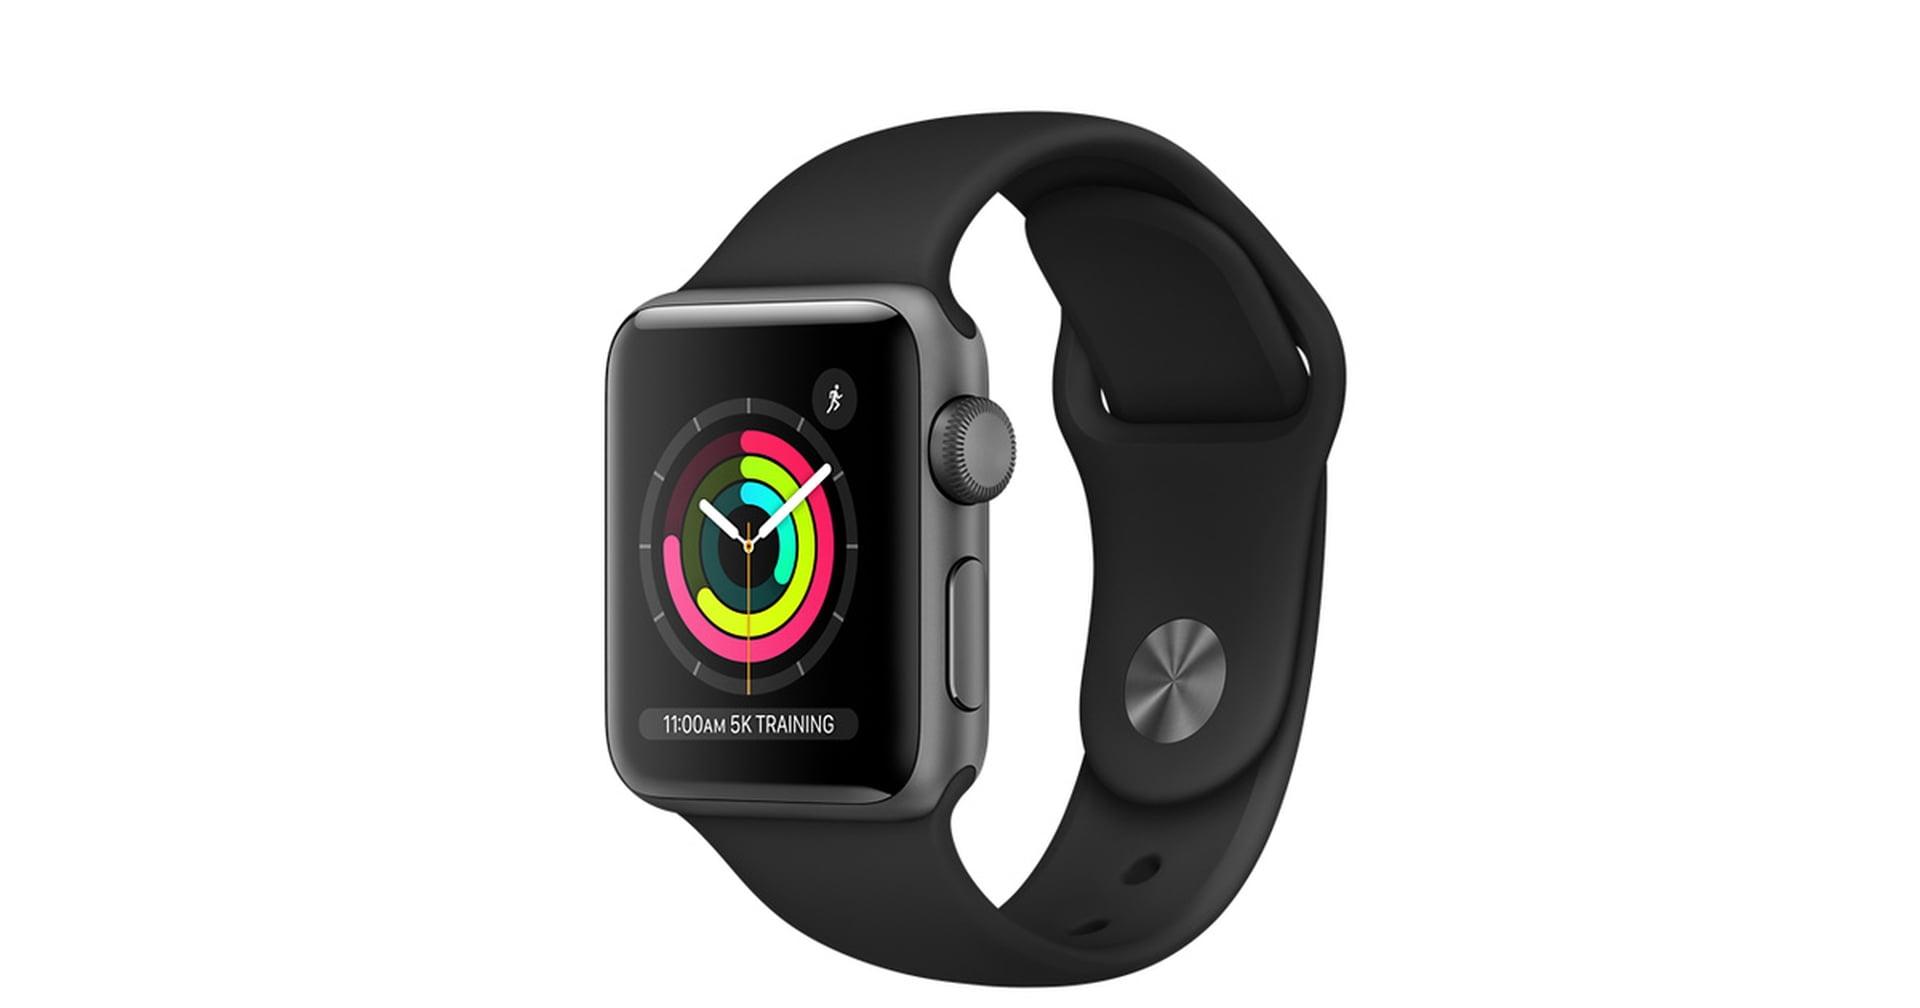 Aktualizacja zegarka Apple Watch Series 3 ma być ułatwiona